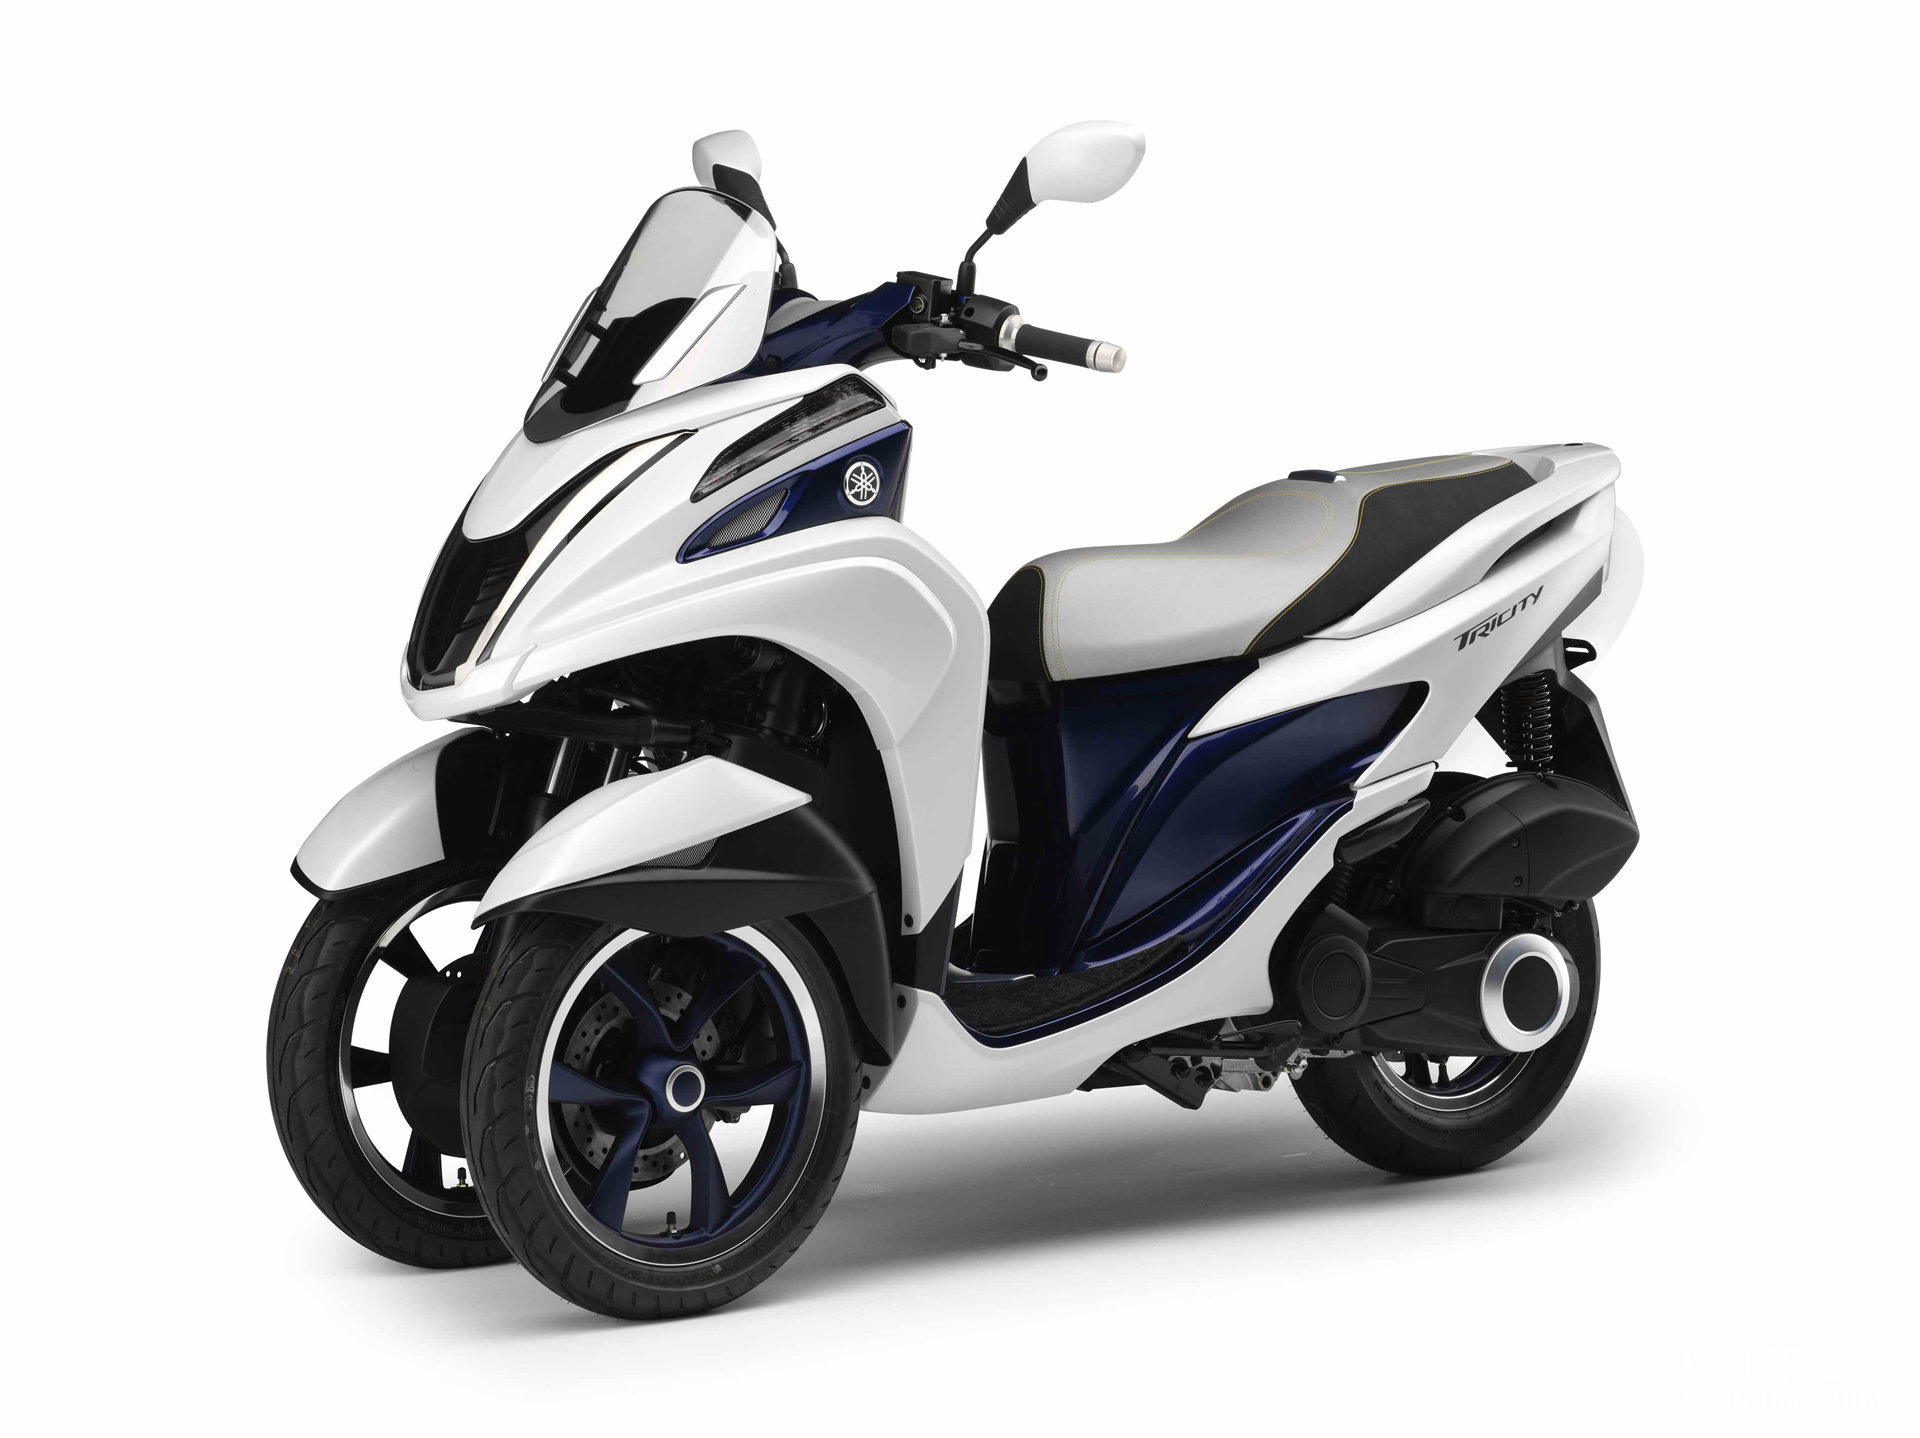 【雅马哈tricity 摩托车(倒三轮)图片】 摩托车图片库 摩托车之家